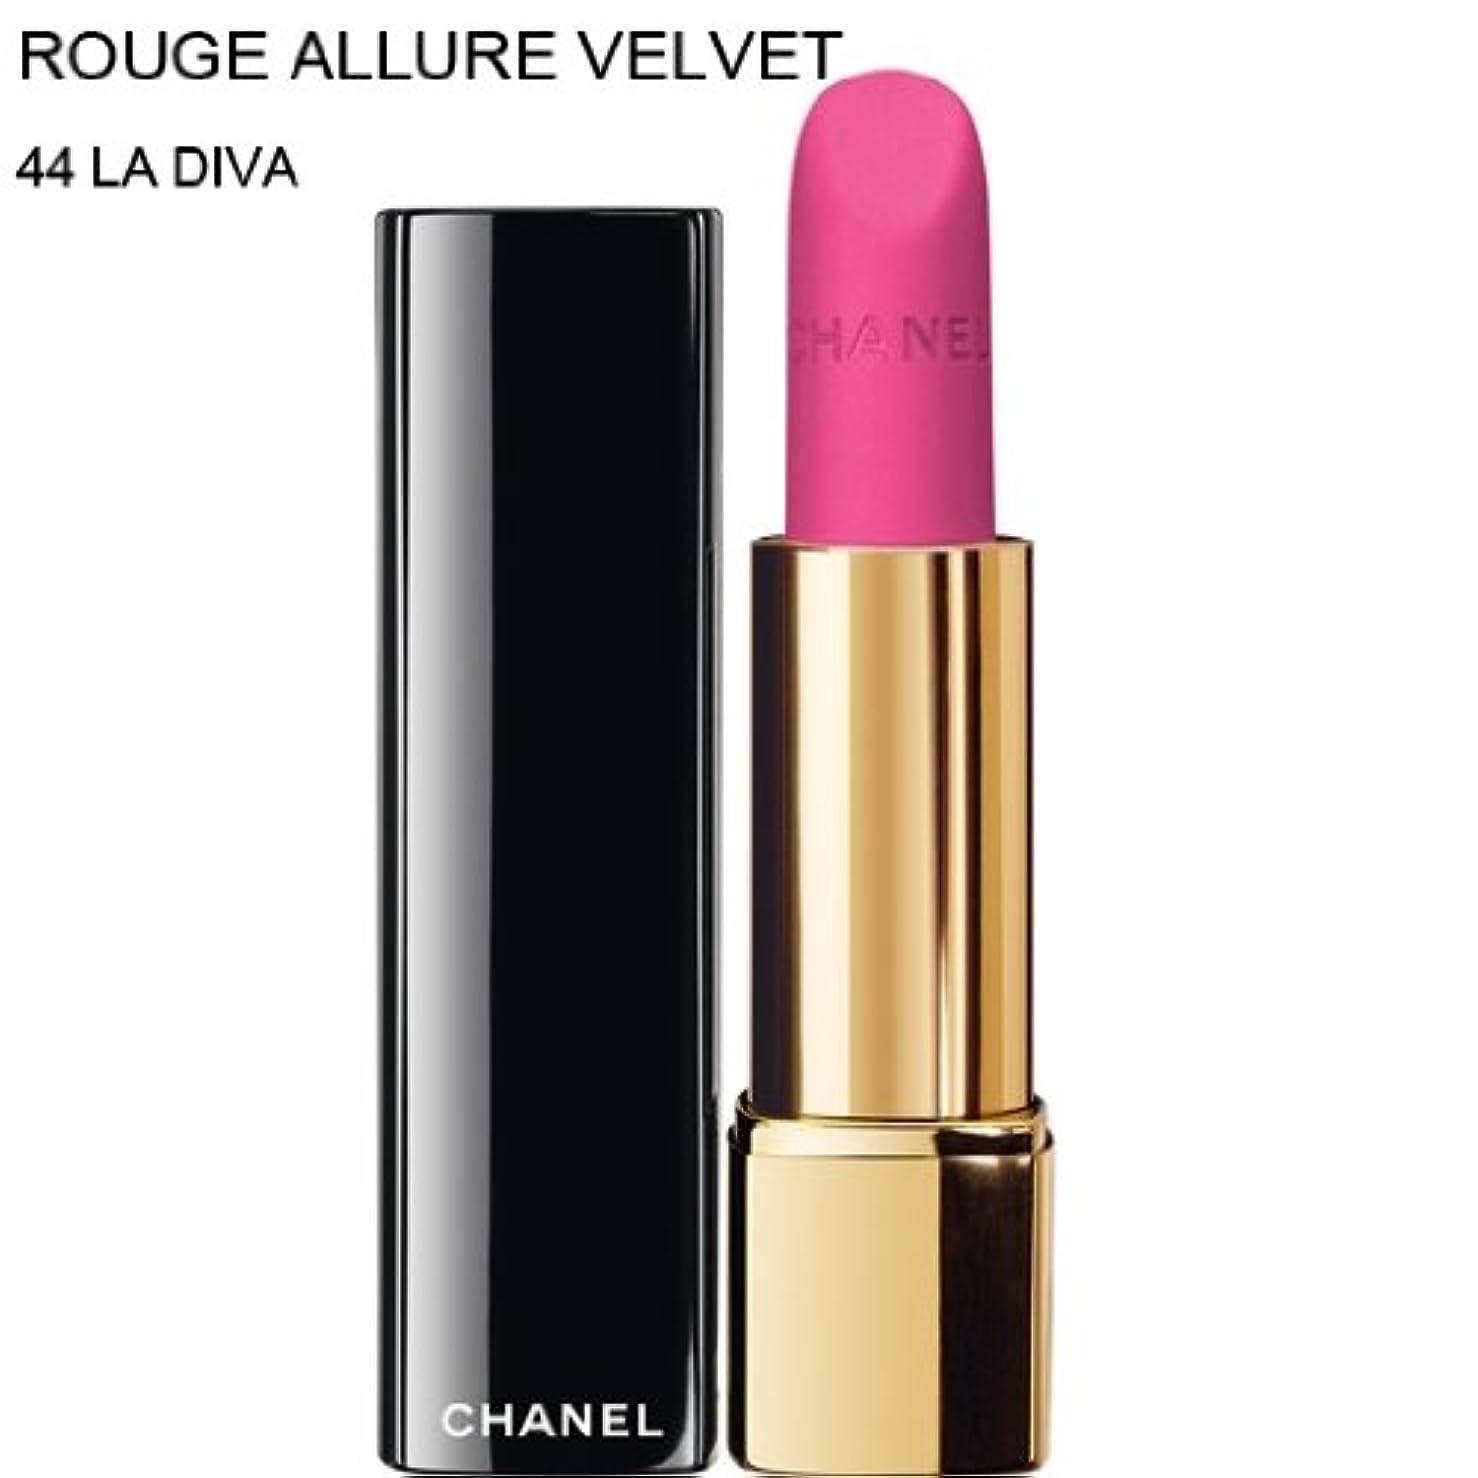 隠影響を受けやすいです比類なきCHANEL-Lipstick ROUGE ALLURE VELVET (44 LA DIVA)